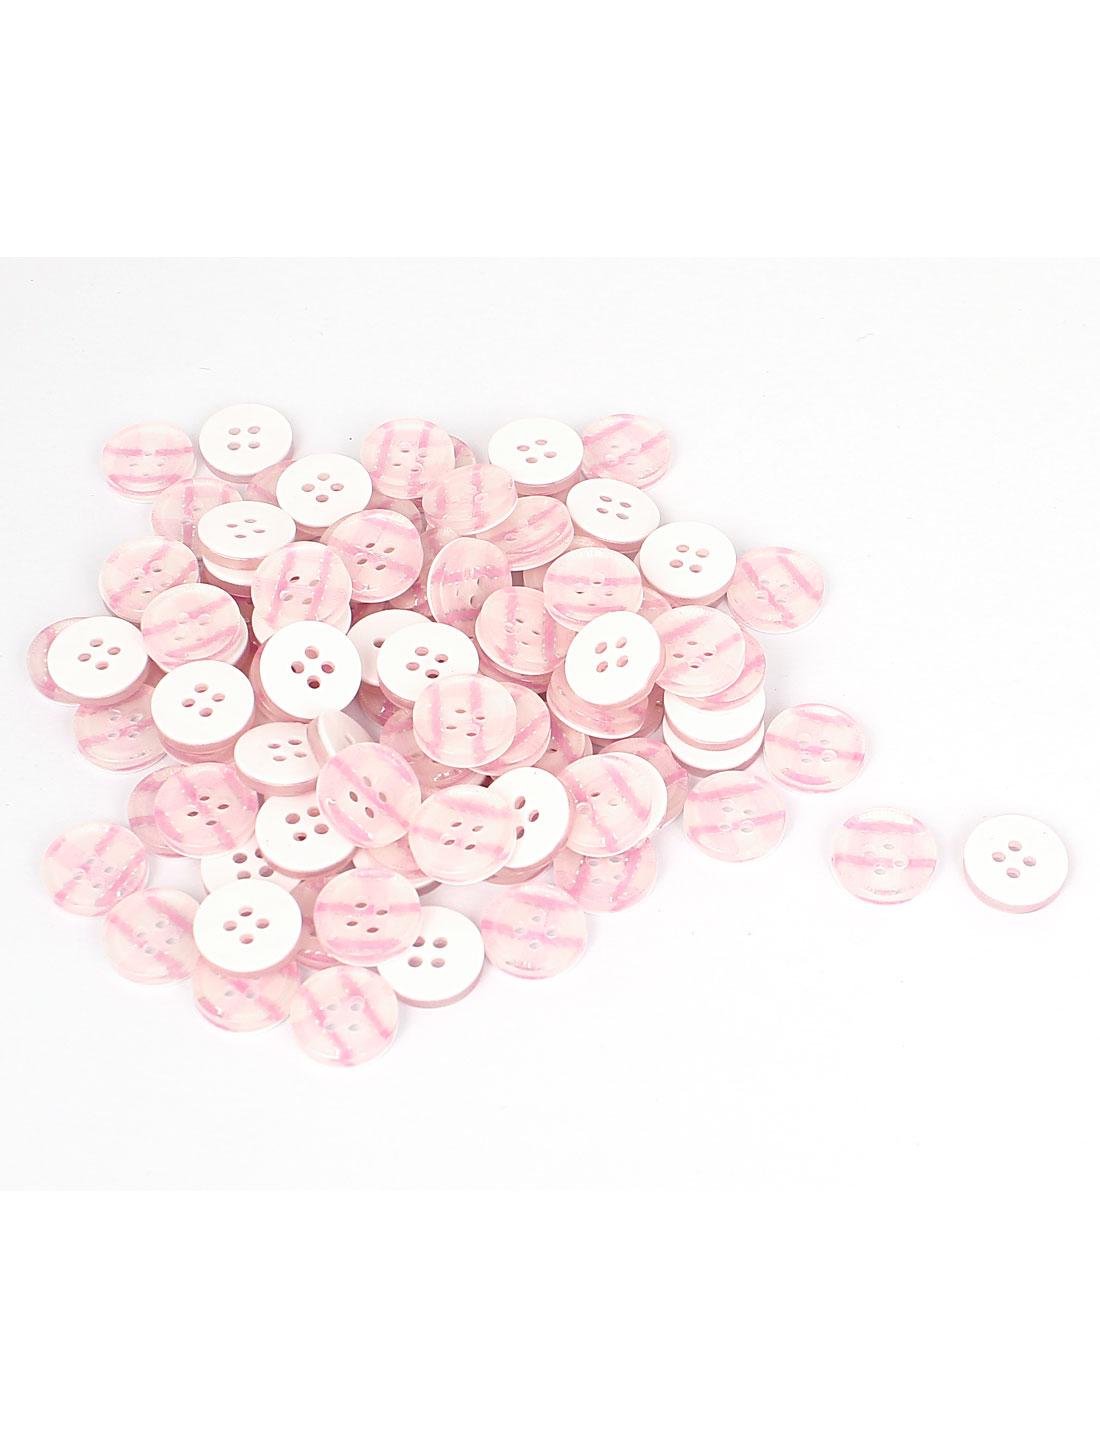 13mm Dia Plastic Round 4-Hole Plaid Shirt Clothes Button Pink White 100pcs